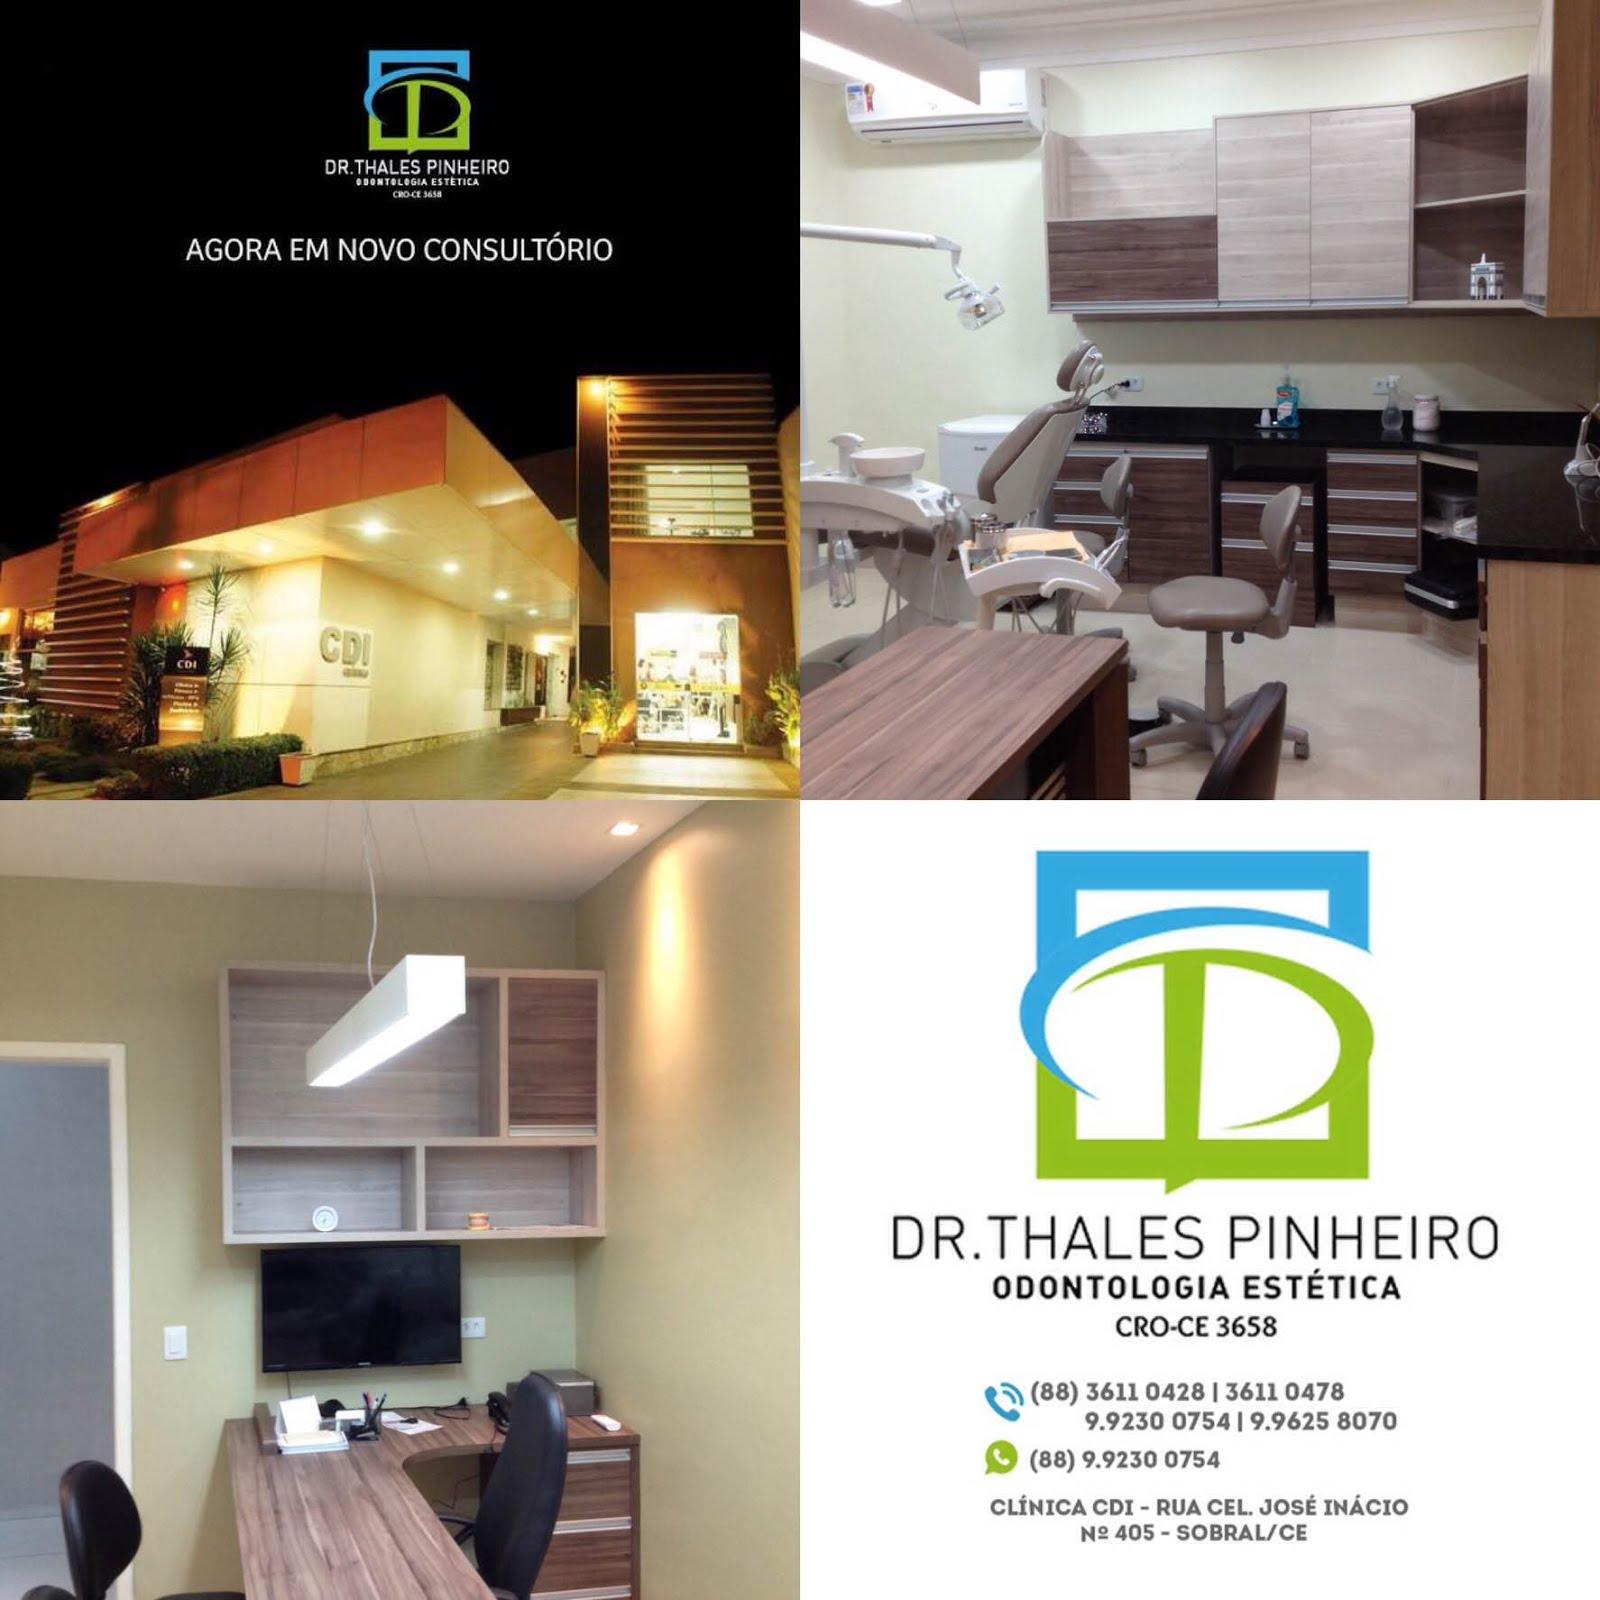 Dr. Thales Pinheiro - Odontologia Estética